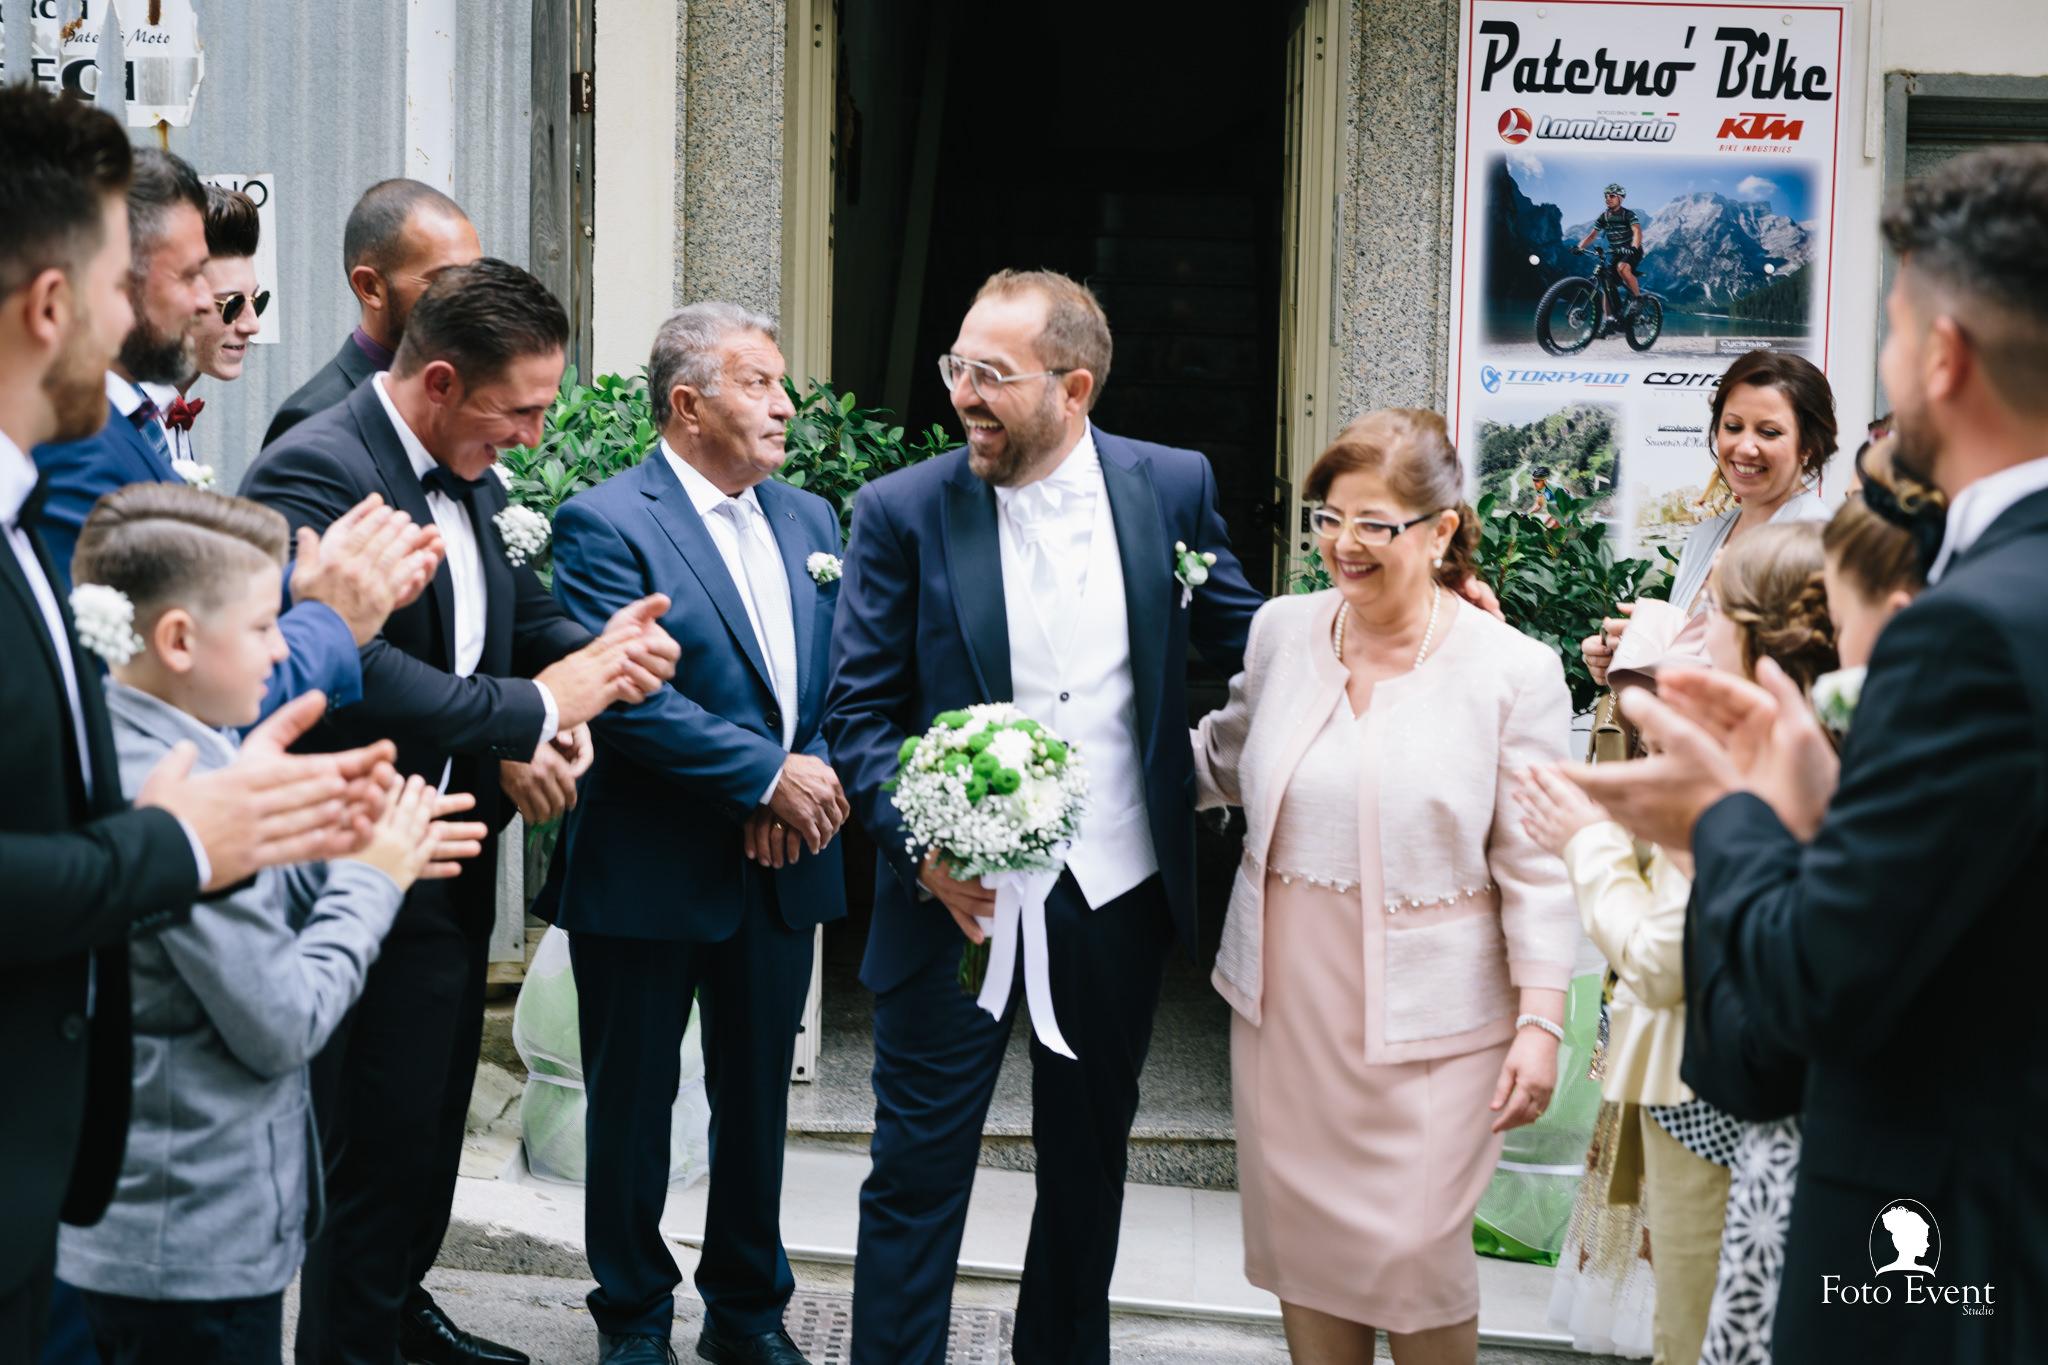 011-2020-10-15-Matrimonio-Noemi-e-Salvatore-Paterno-5DE-520